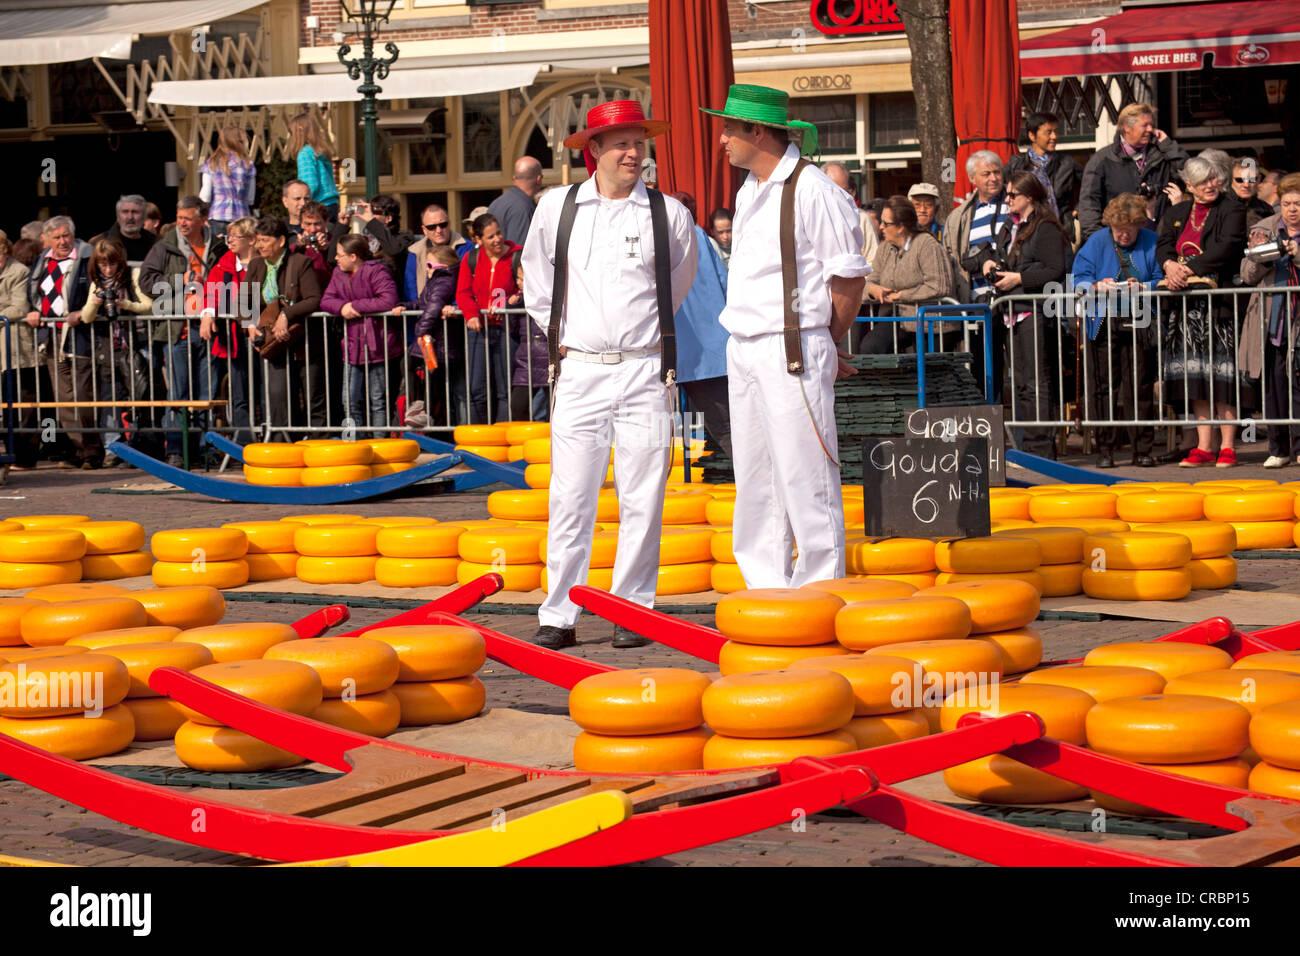 Cheese Carrier sul mercato del formaggio di Alkmaar, North Holland, Paesi Bassi, Europa Immagini Stock